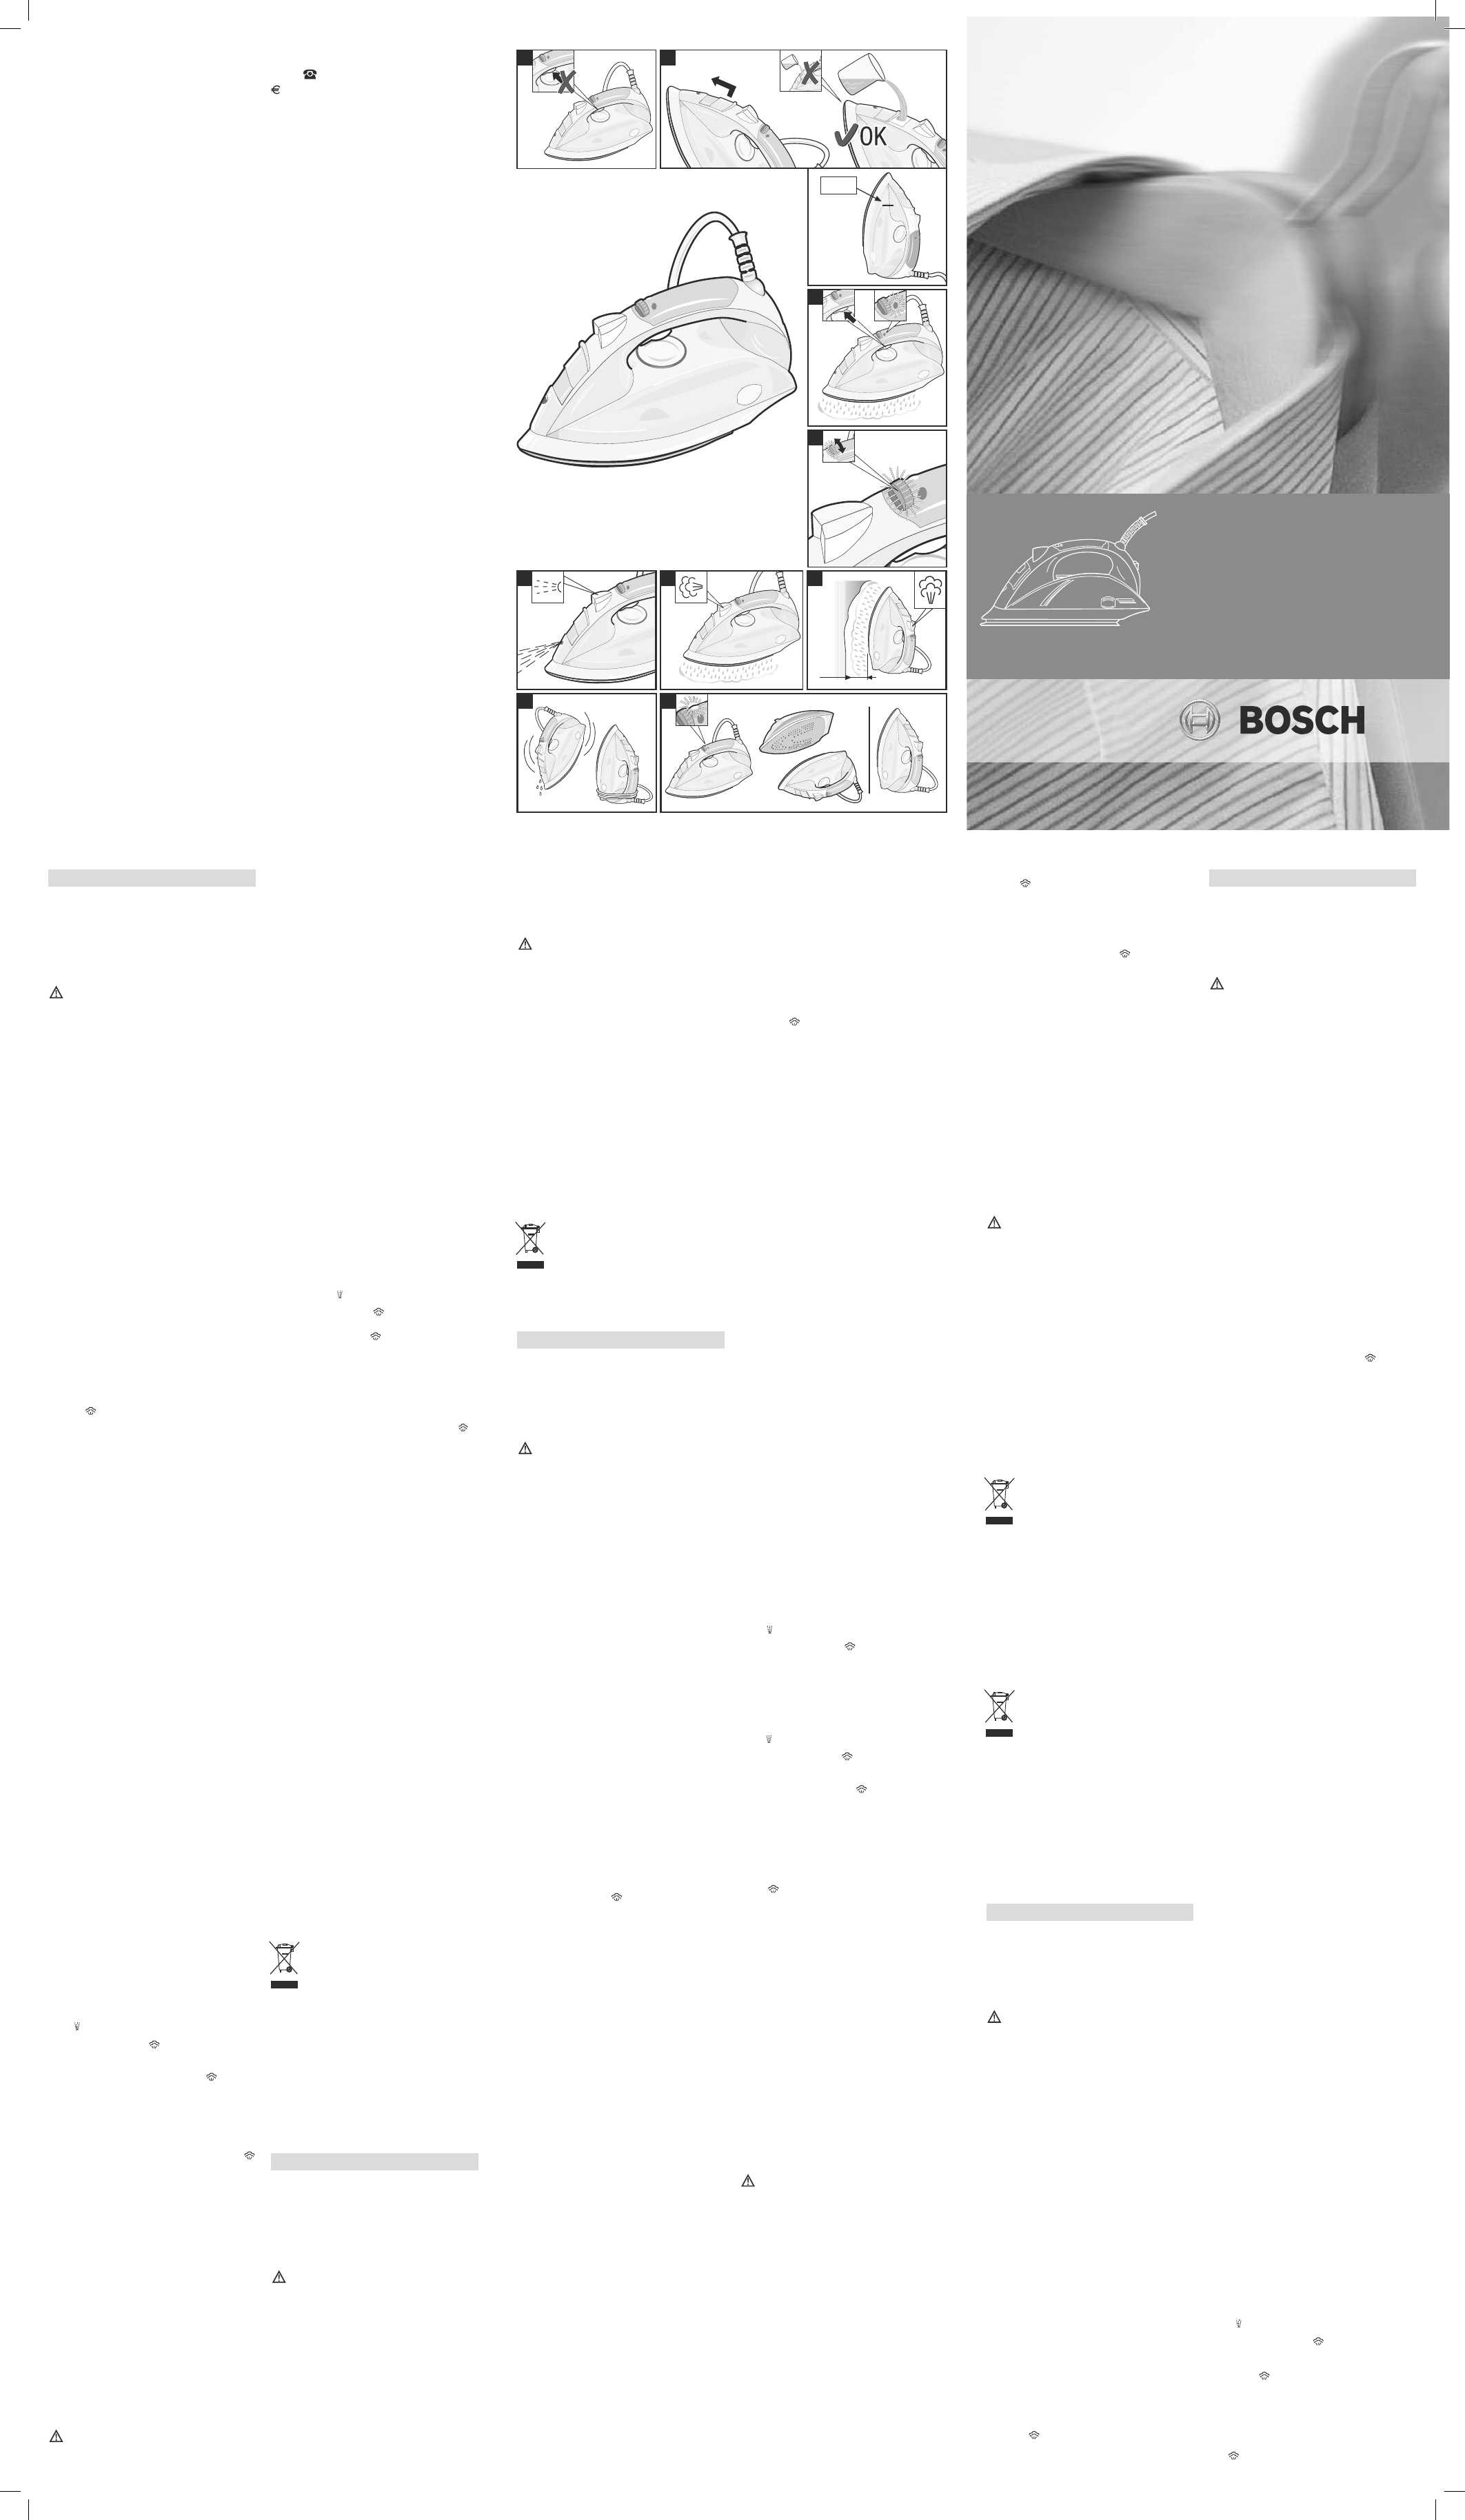 Handleiding Bosch Tds 1015 Pagina 1 Van 2 Deutsch English